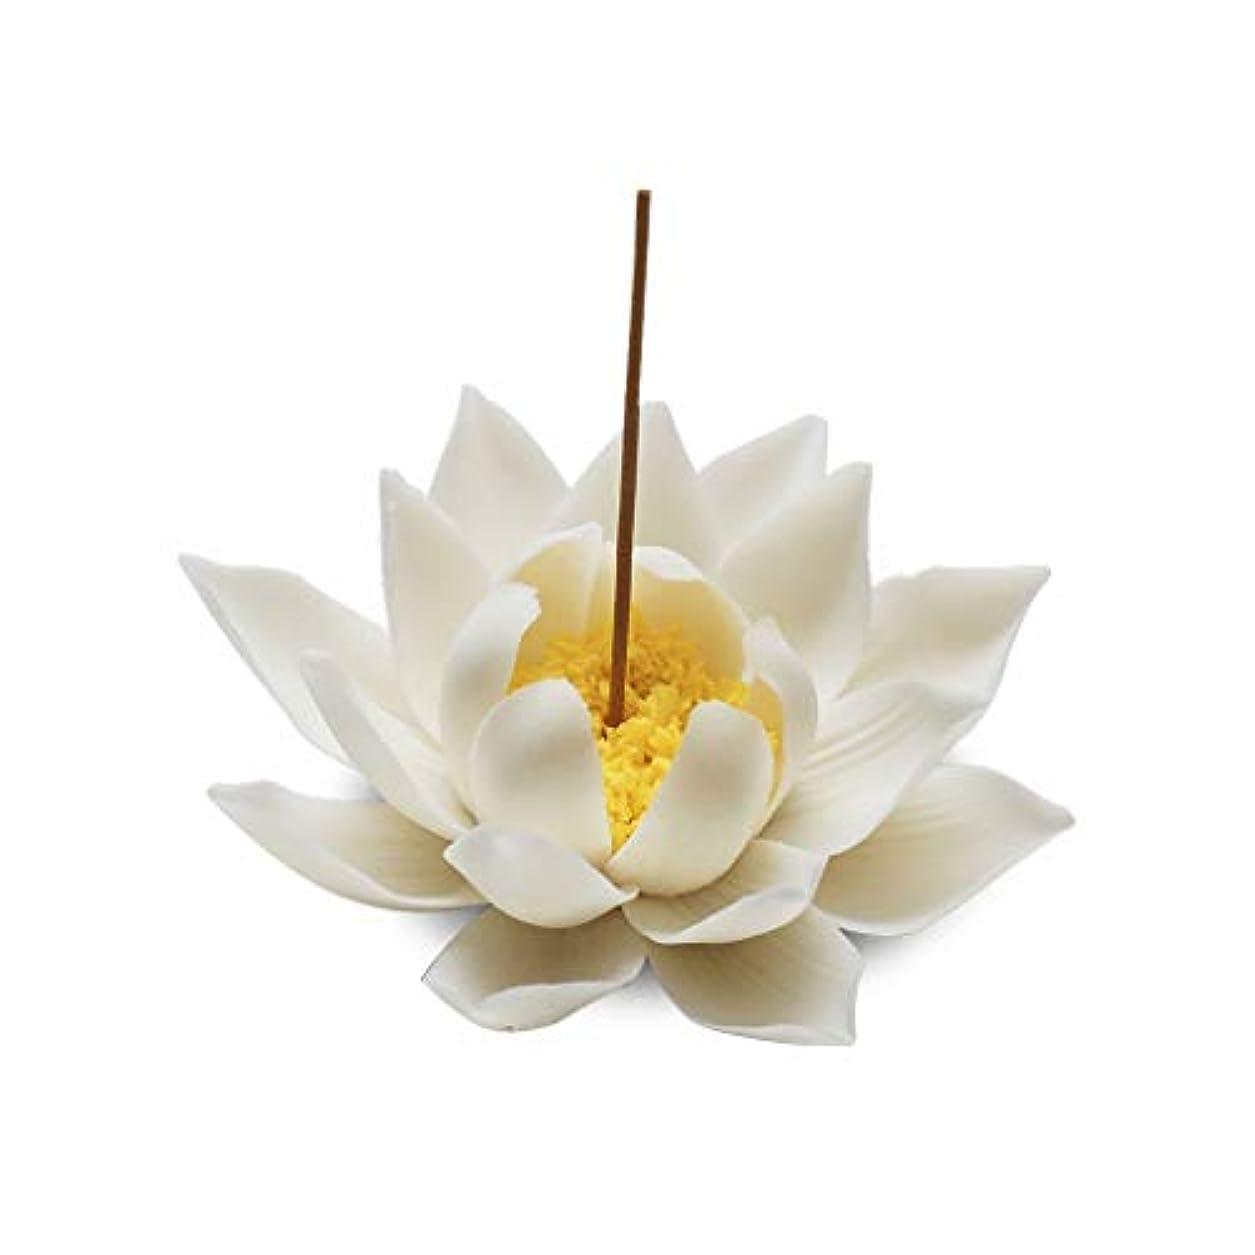 飾り羽空洞ジョセフバンクスセラミック蓮香バーナー家の装飾香スティックホルダー仏教アロマセラピー香炉ホームオフィス用 (Color : A)